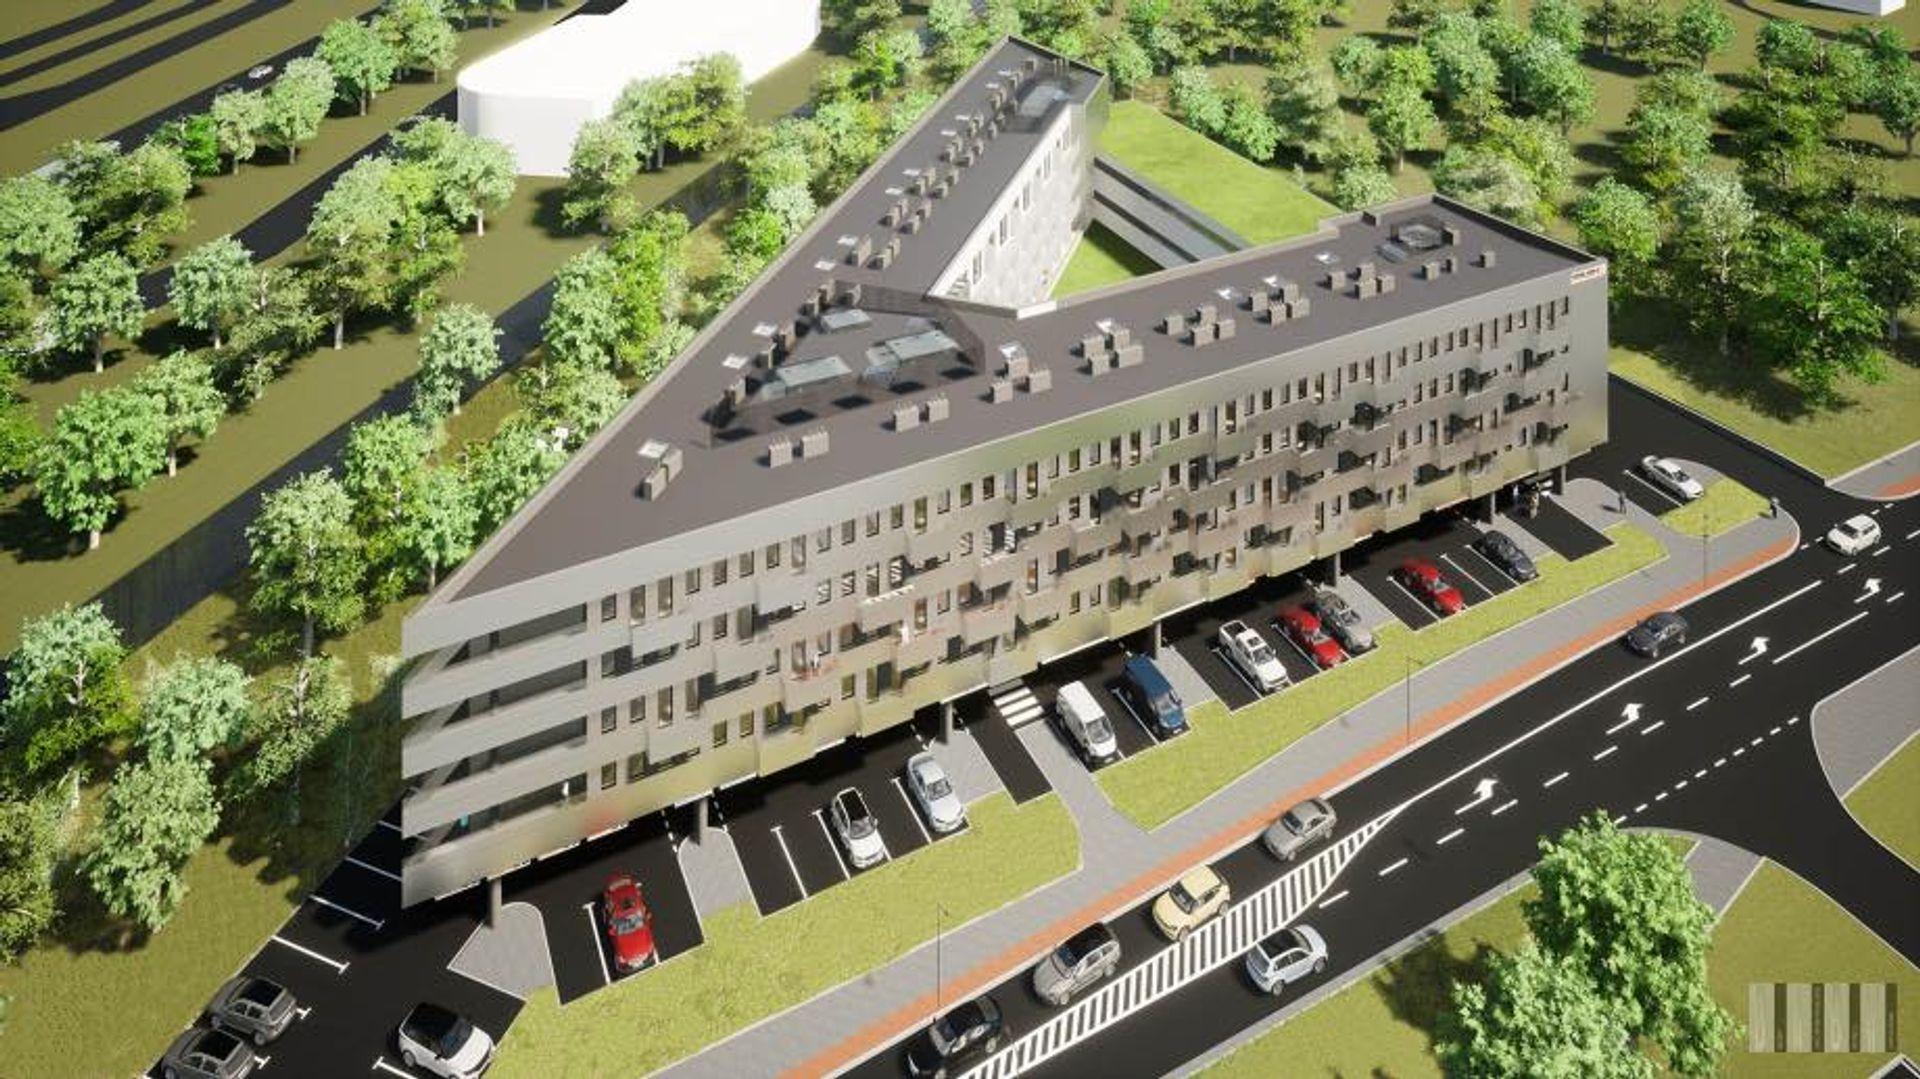 Wrocław: Naprzeciwko Toru Wyścigów Konnych powstaje nowy obiekt hotelowy [ZDJĘCIA + WIZUALIZACJE]